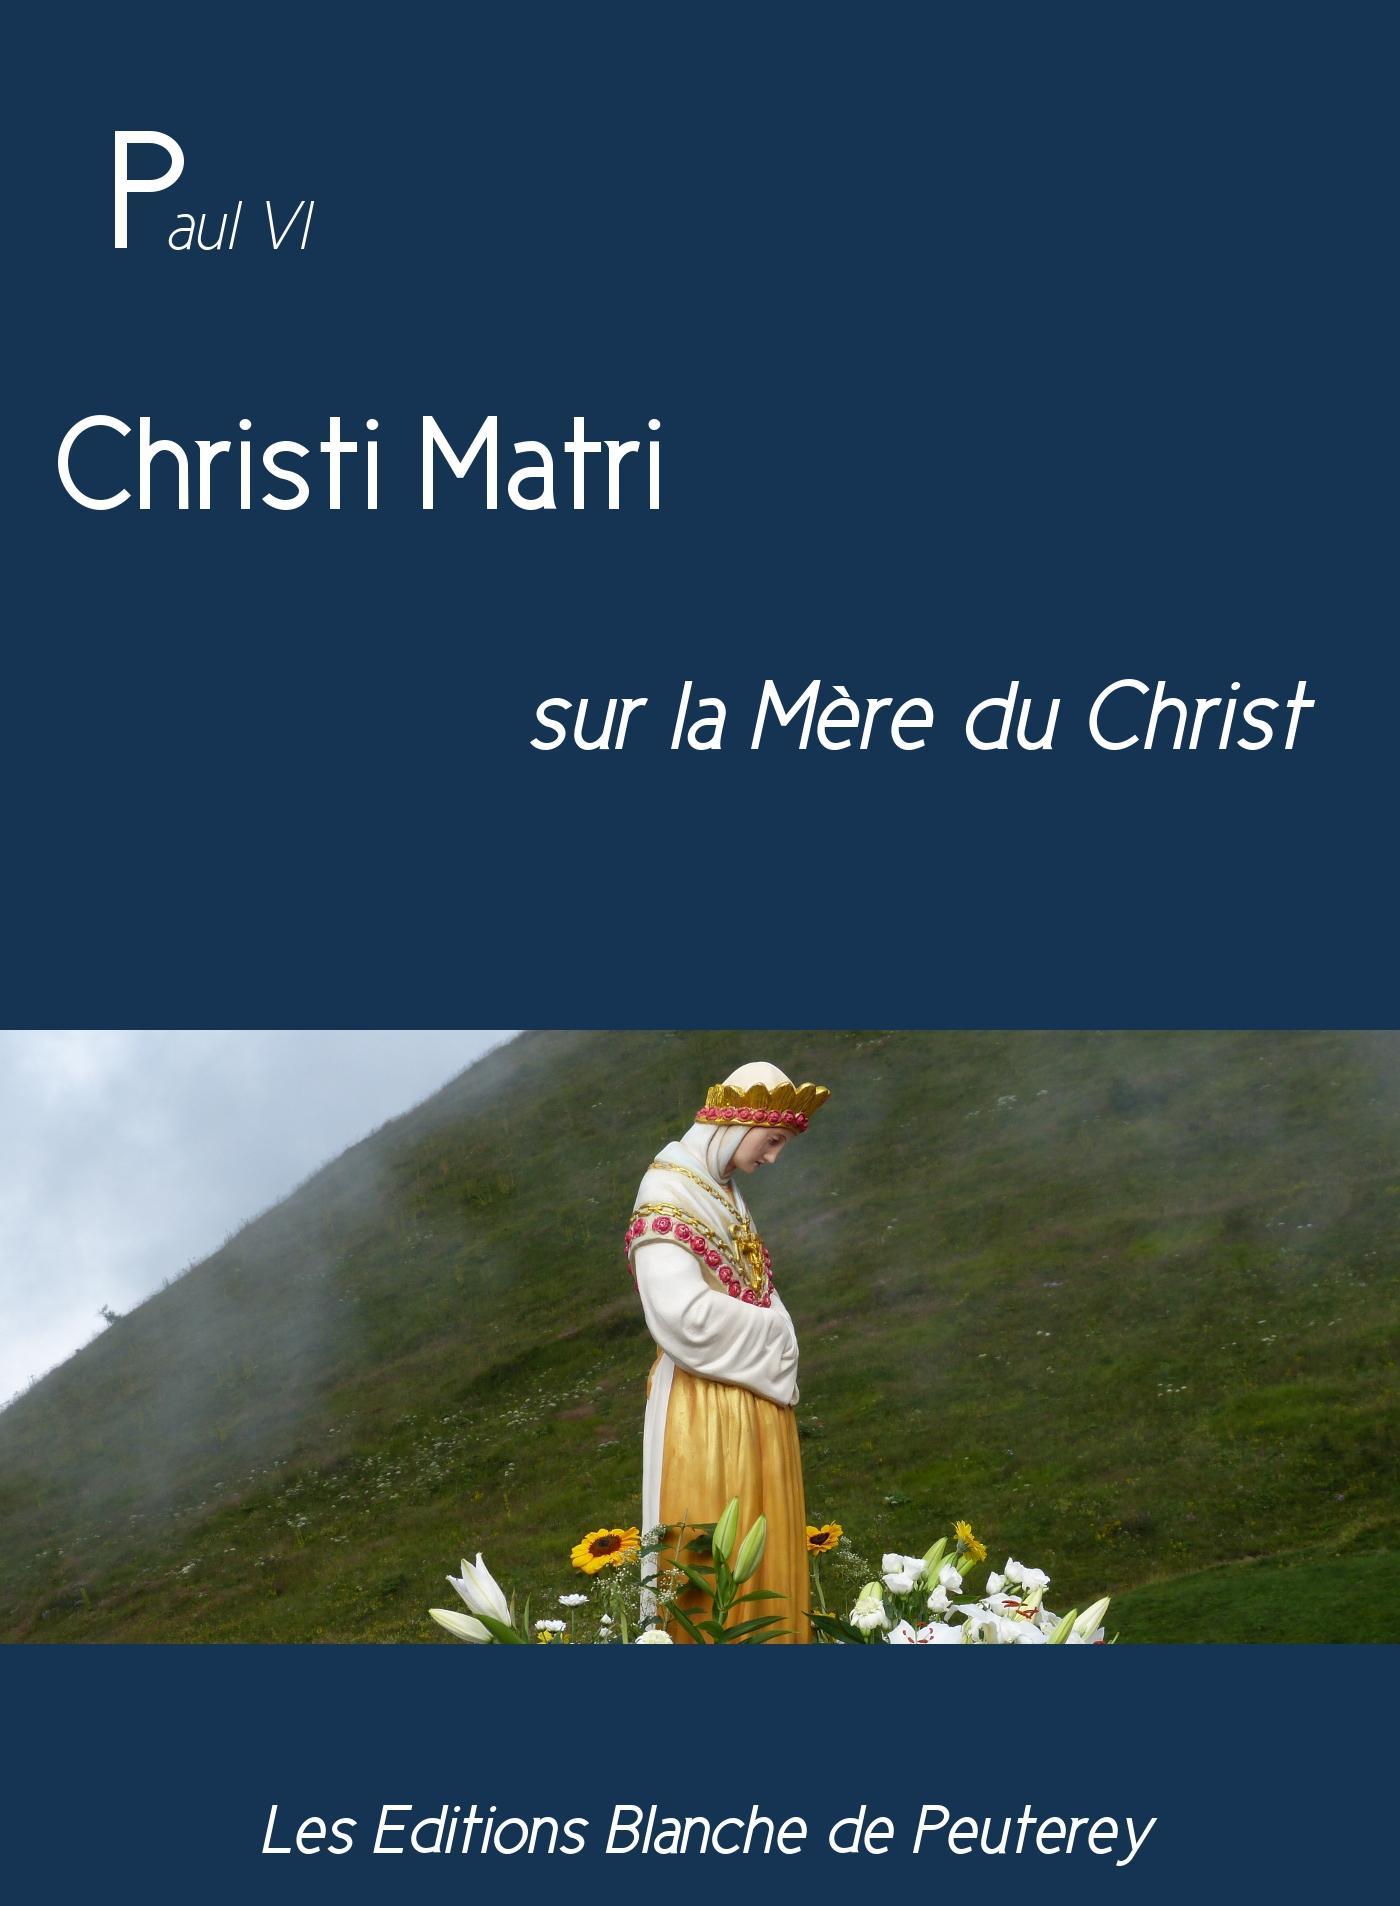 Christi Matri, SUR LA MÈRE DU CHRIST